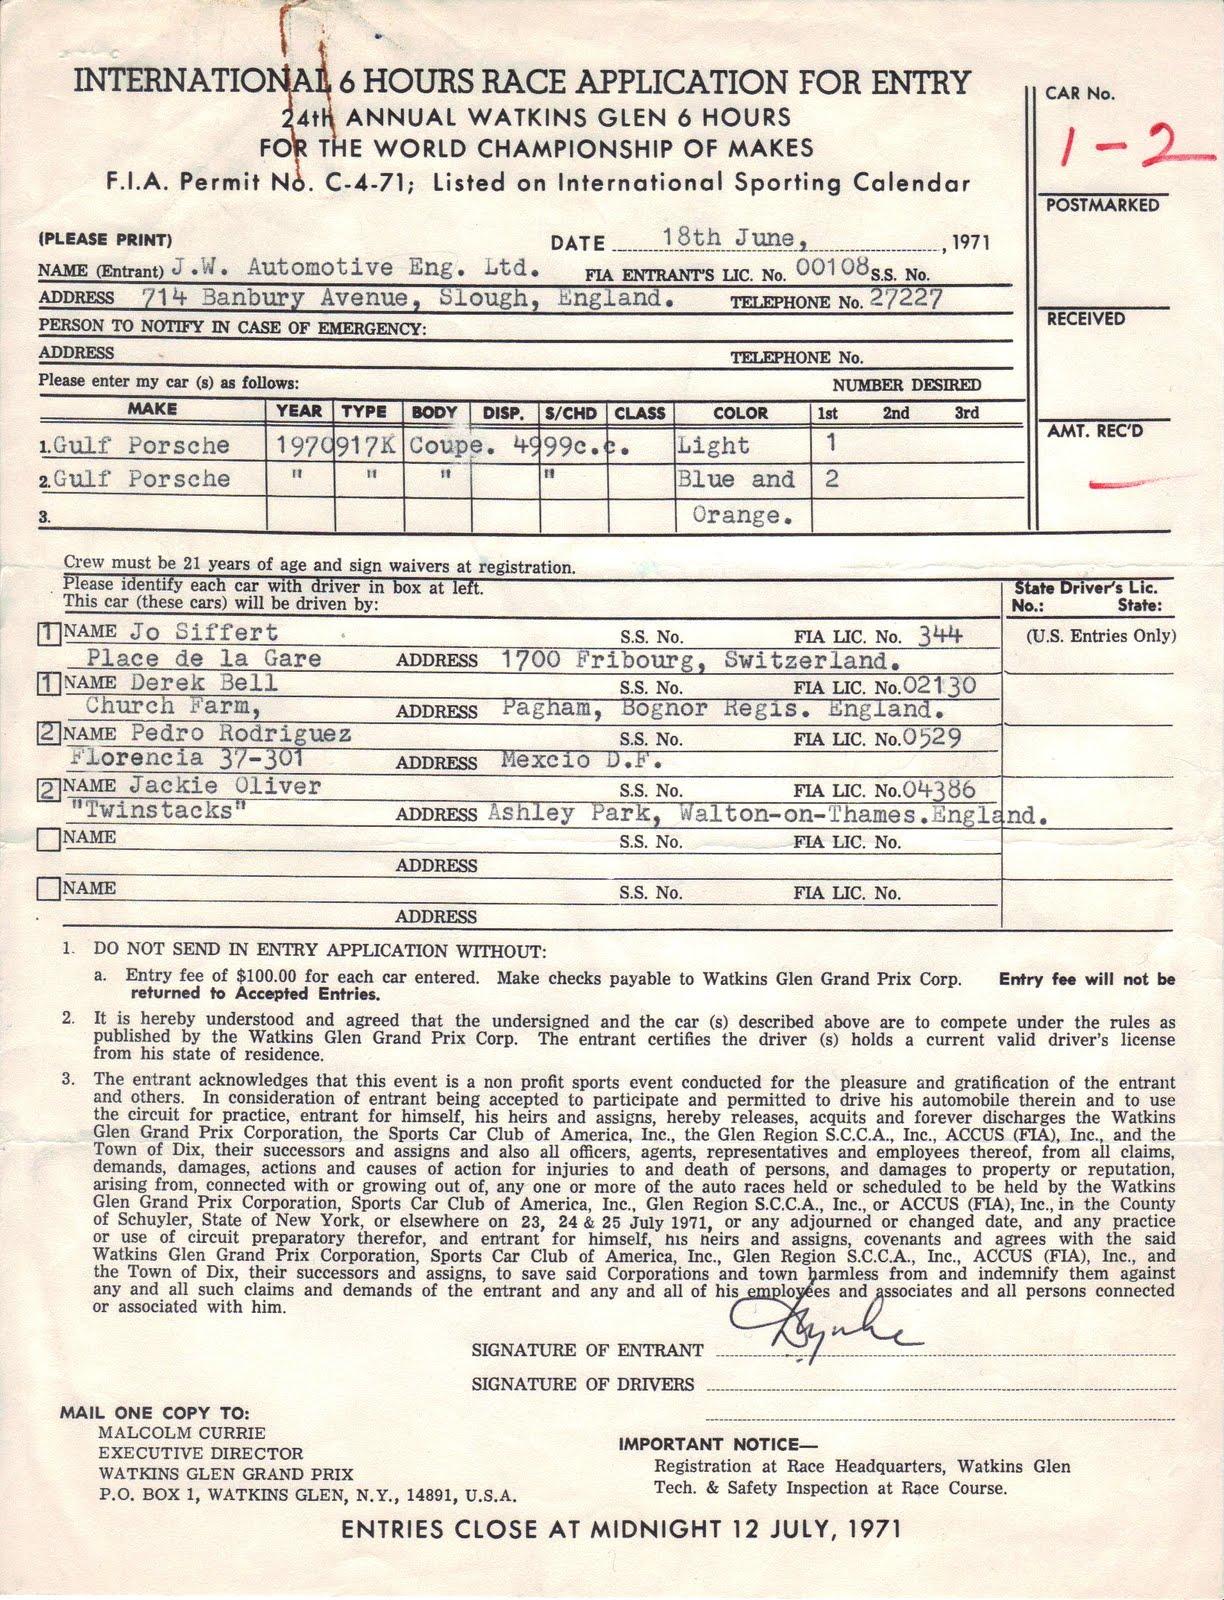 Gulf-Porsche 917s and